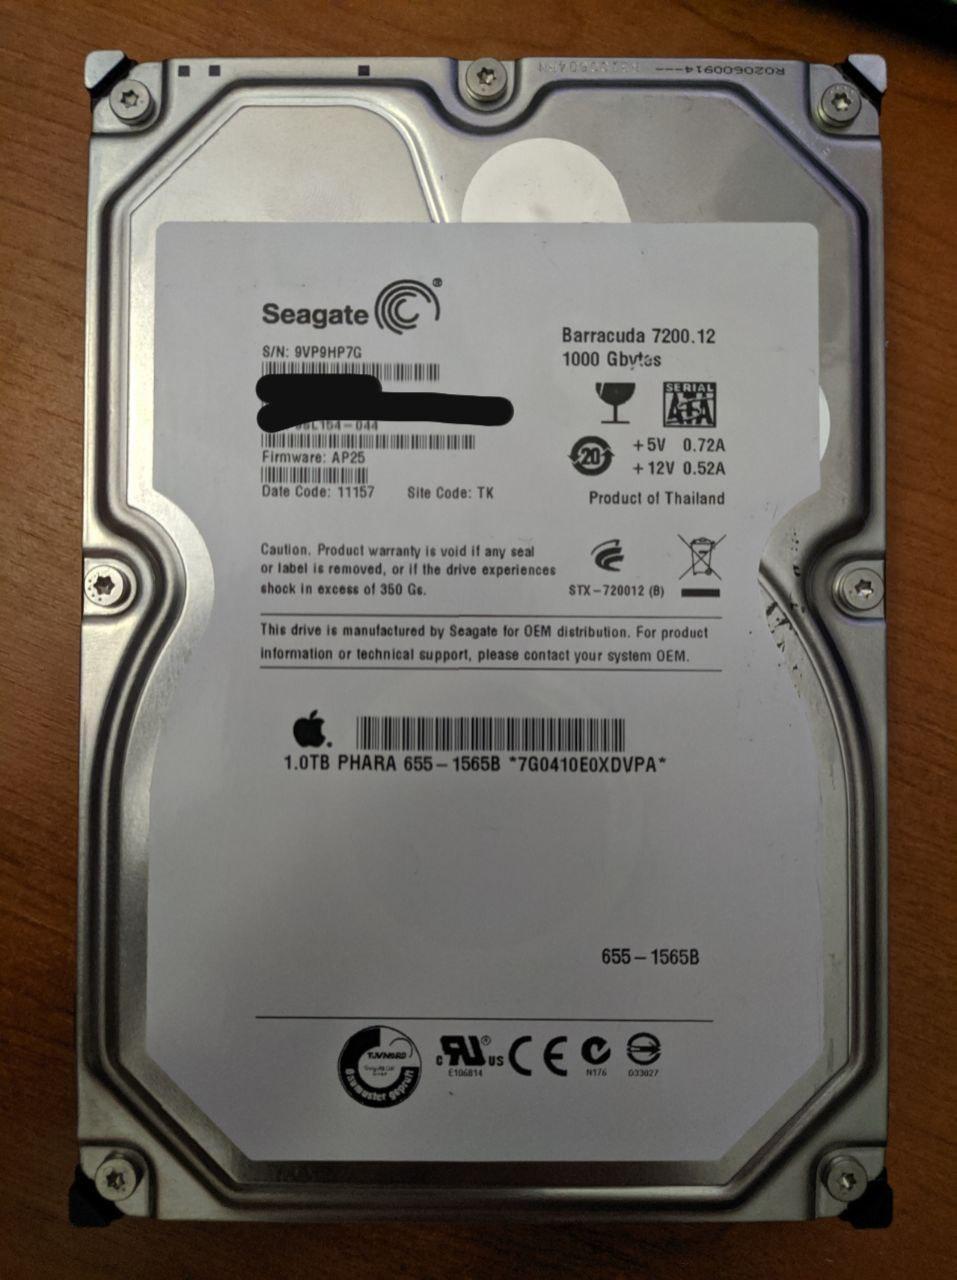 Actualizar firmware de disco Seagate a la fuerza desde Linux